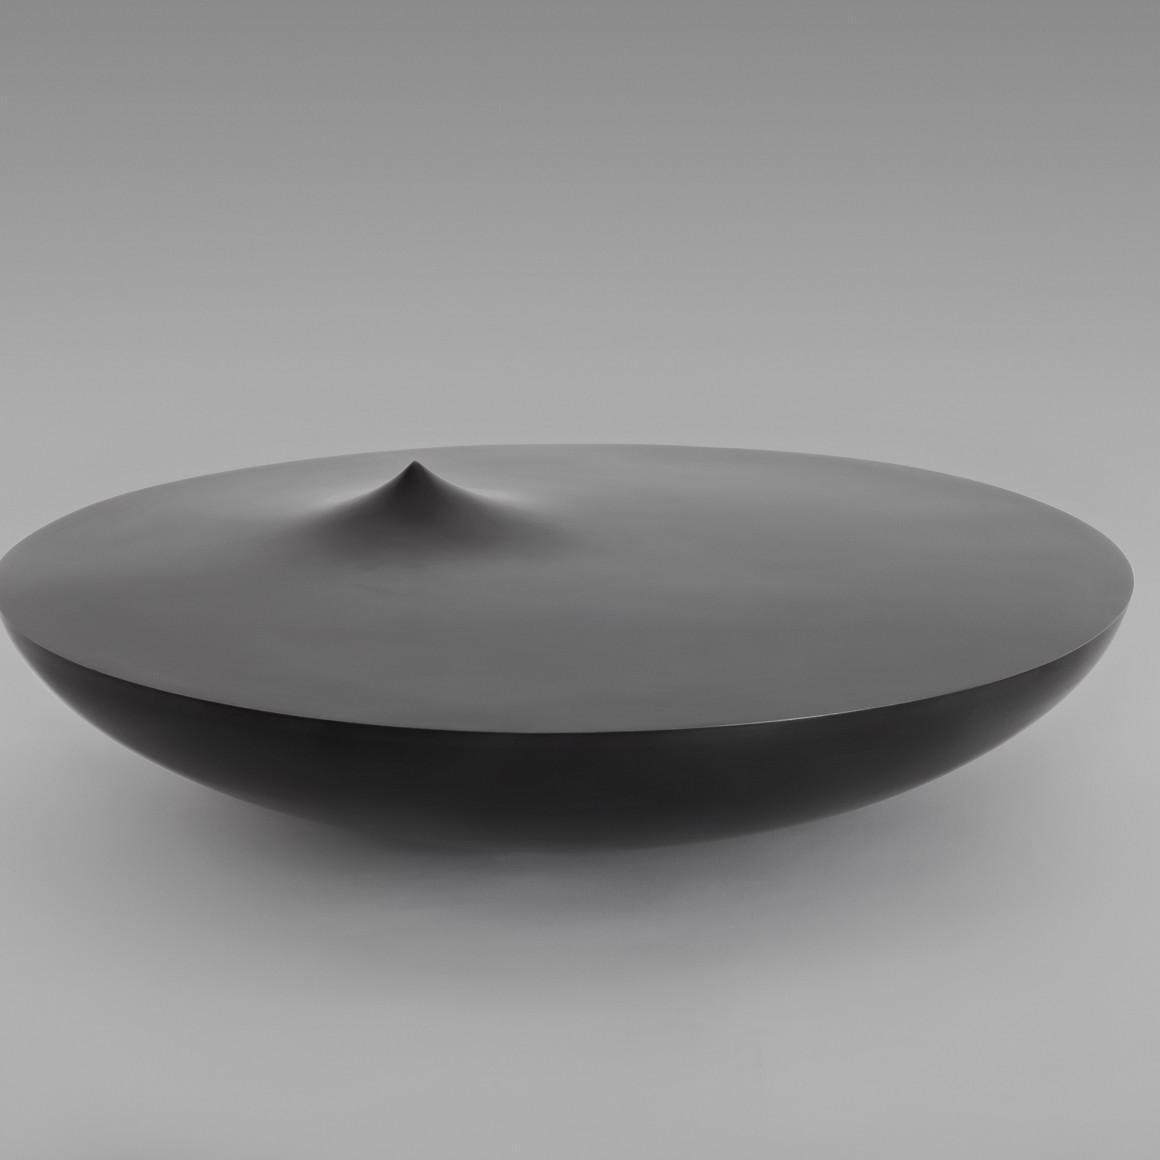 Armen Agop, Untitled 104, 2010